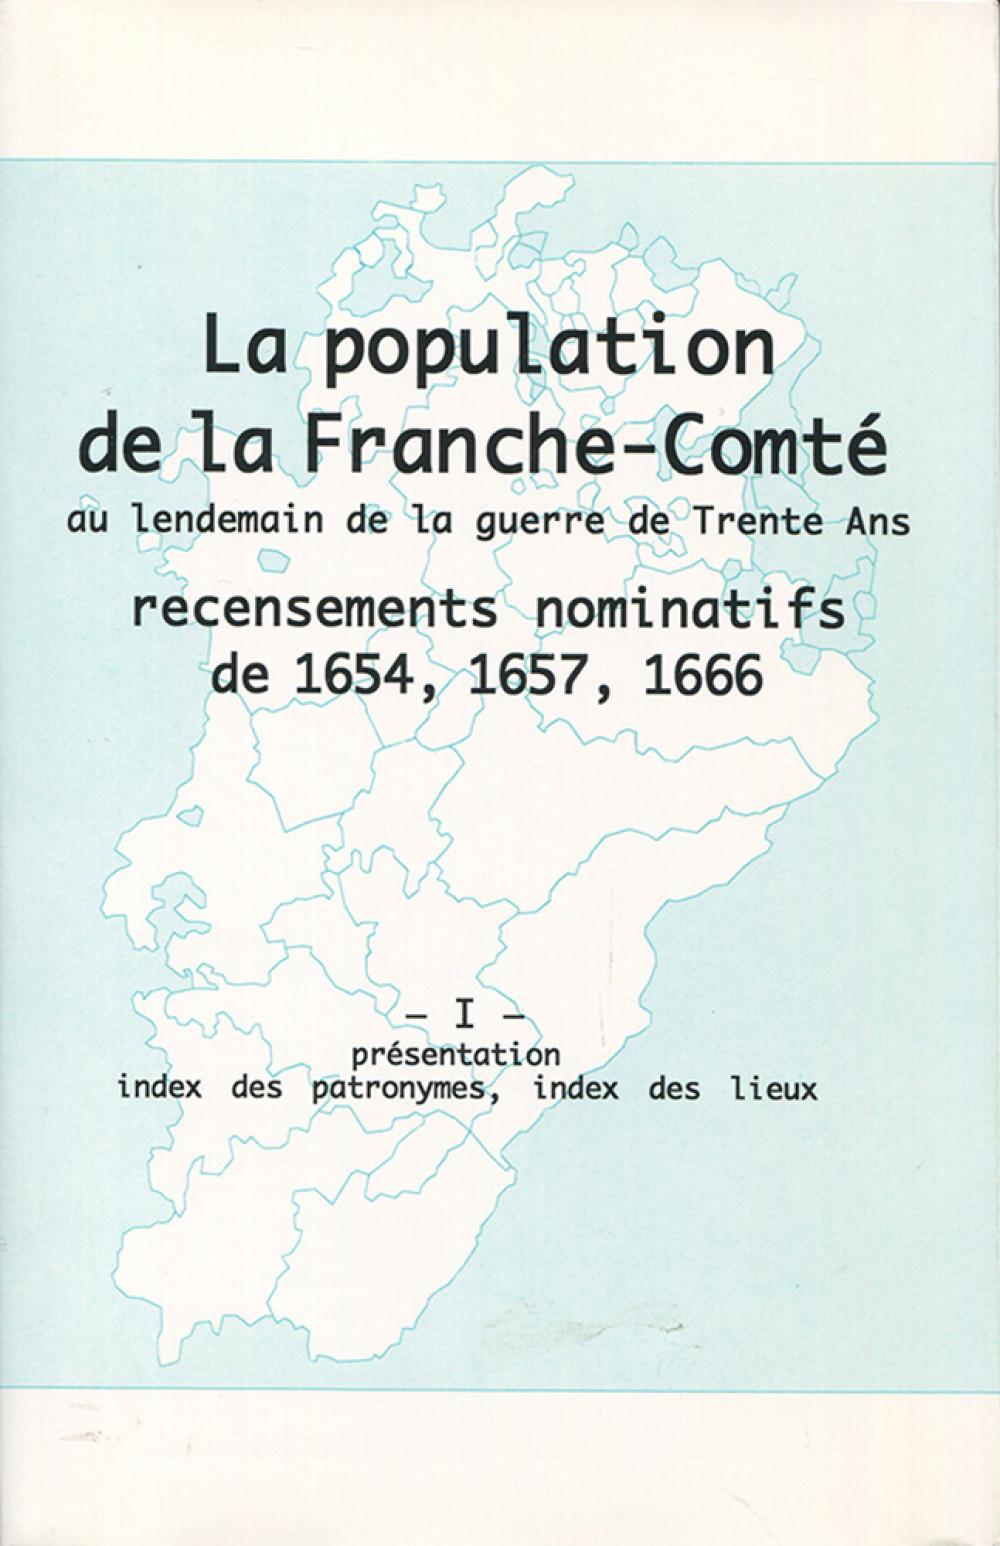 La population en Franche-Comté au lendemain de la guerre de Trente Ans. Tome I